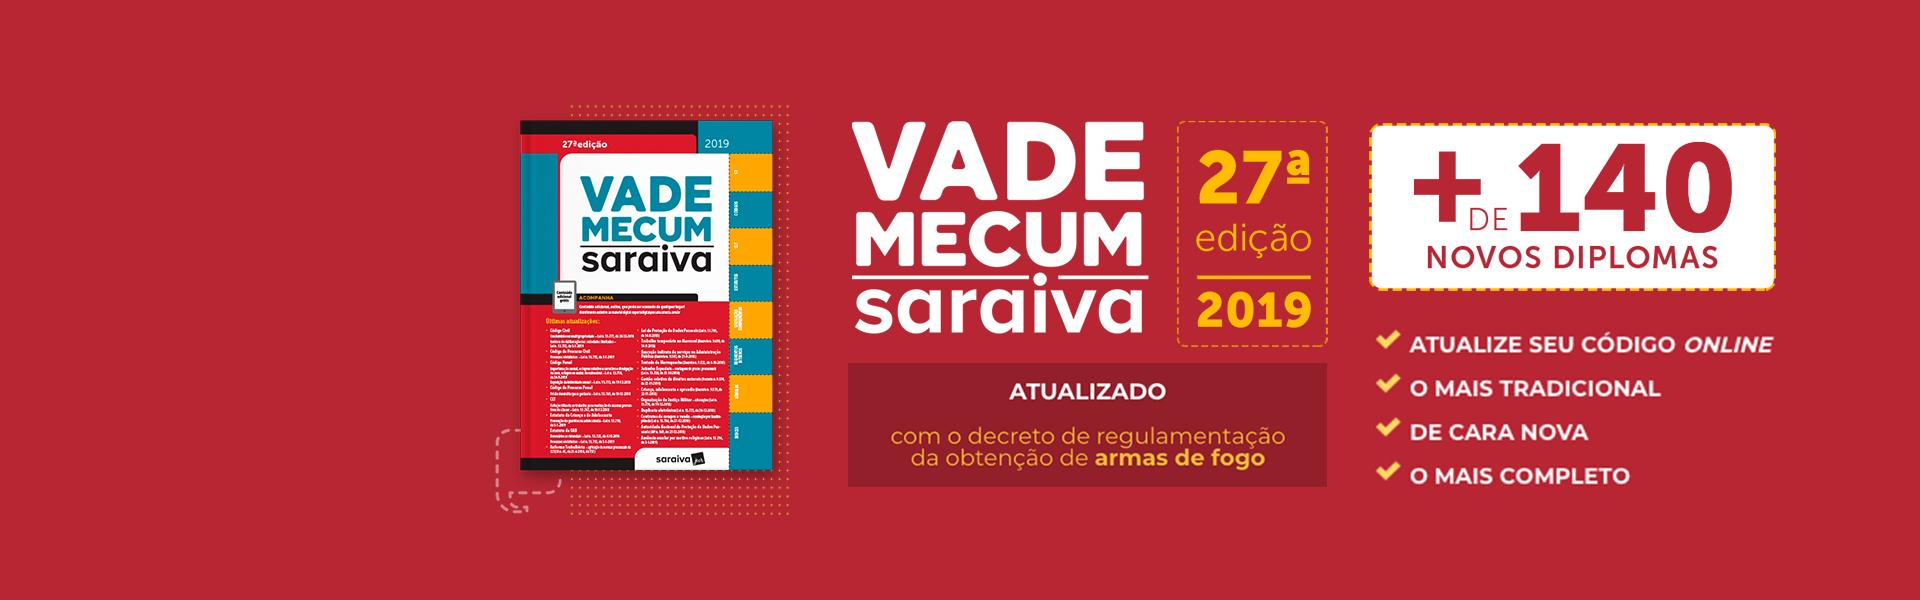 Vade Mecum 2019